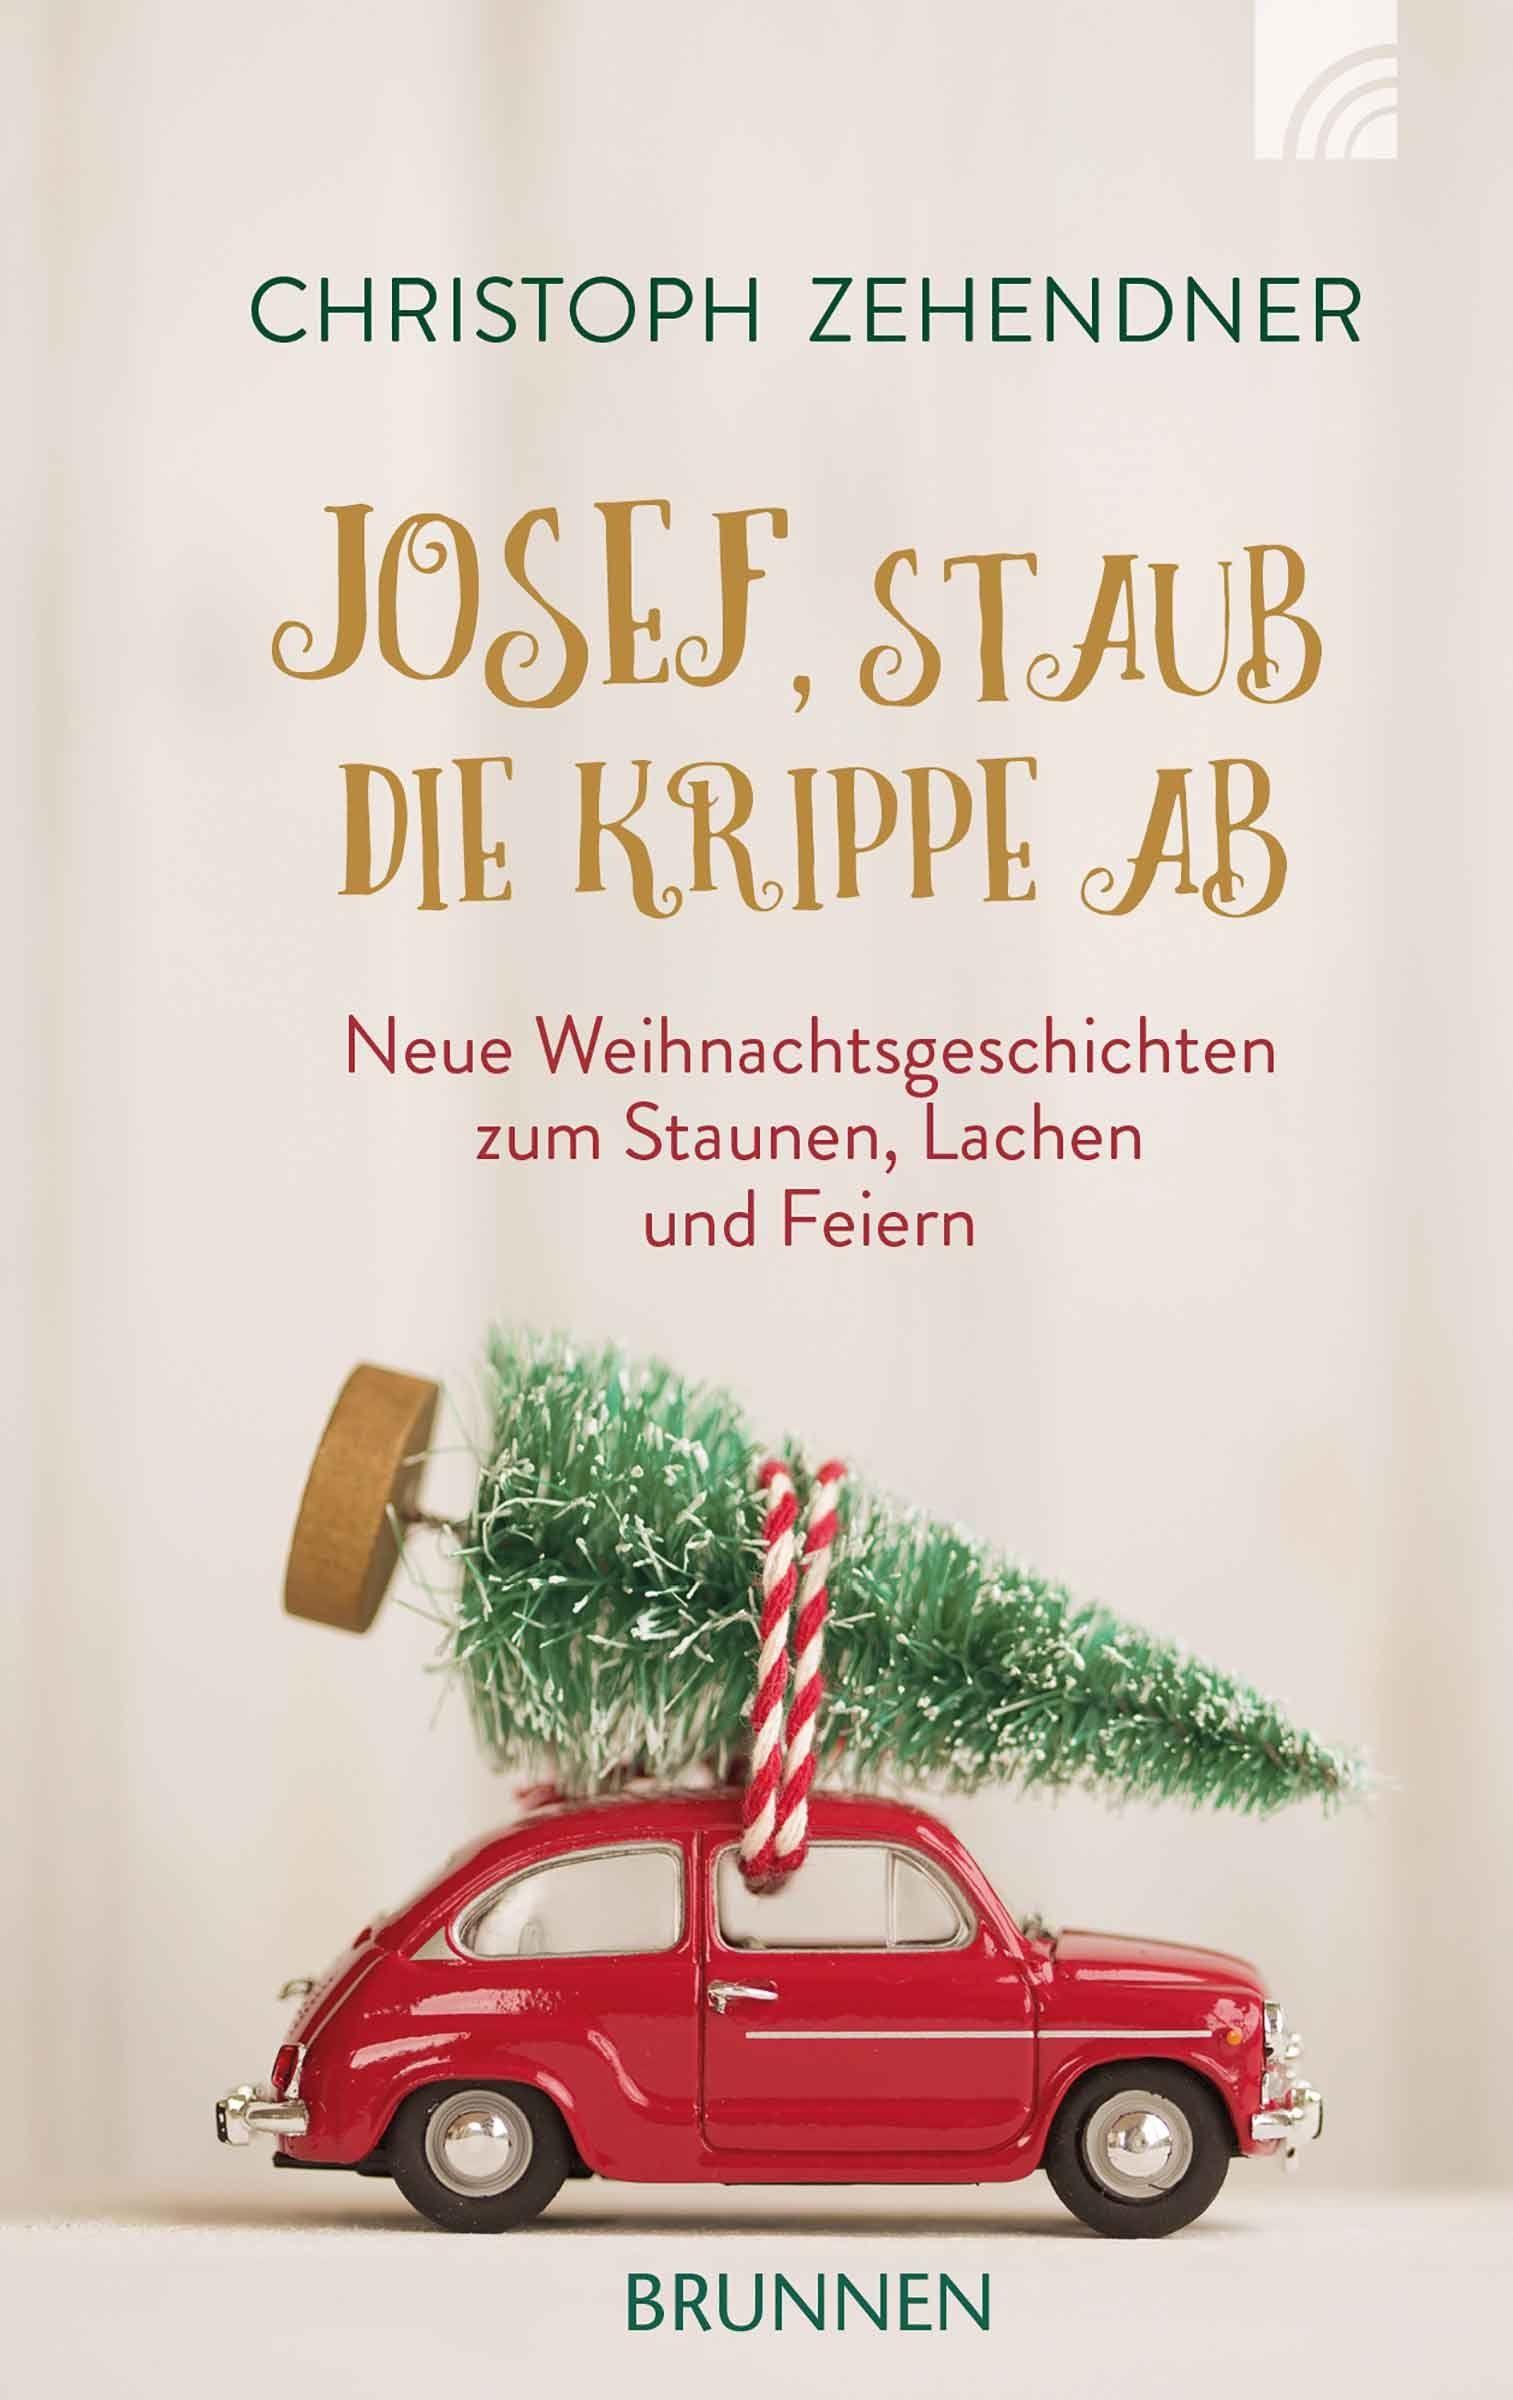 Geschichten Zum Lesen Staunen Lachen Feiern Von Musiker Und Autor Christoph Zehrende Zum Vorlesen Bei Untersch Weihnachtsgeschichte Weihnachtsbucher Bucher